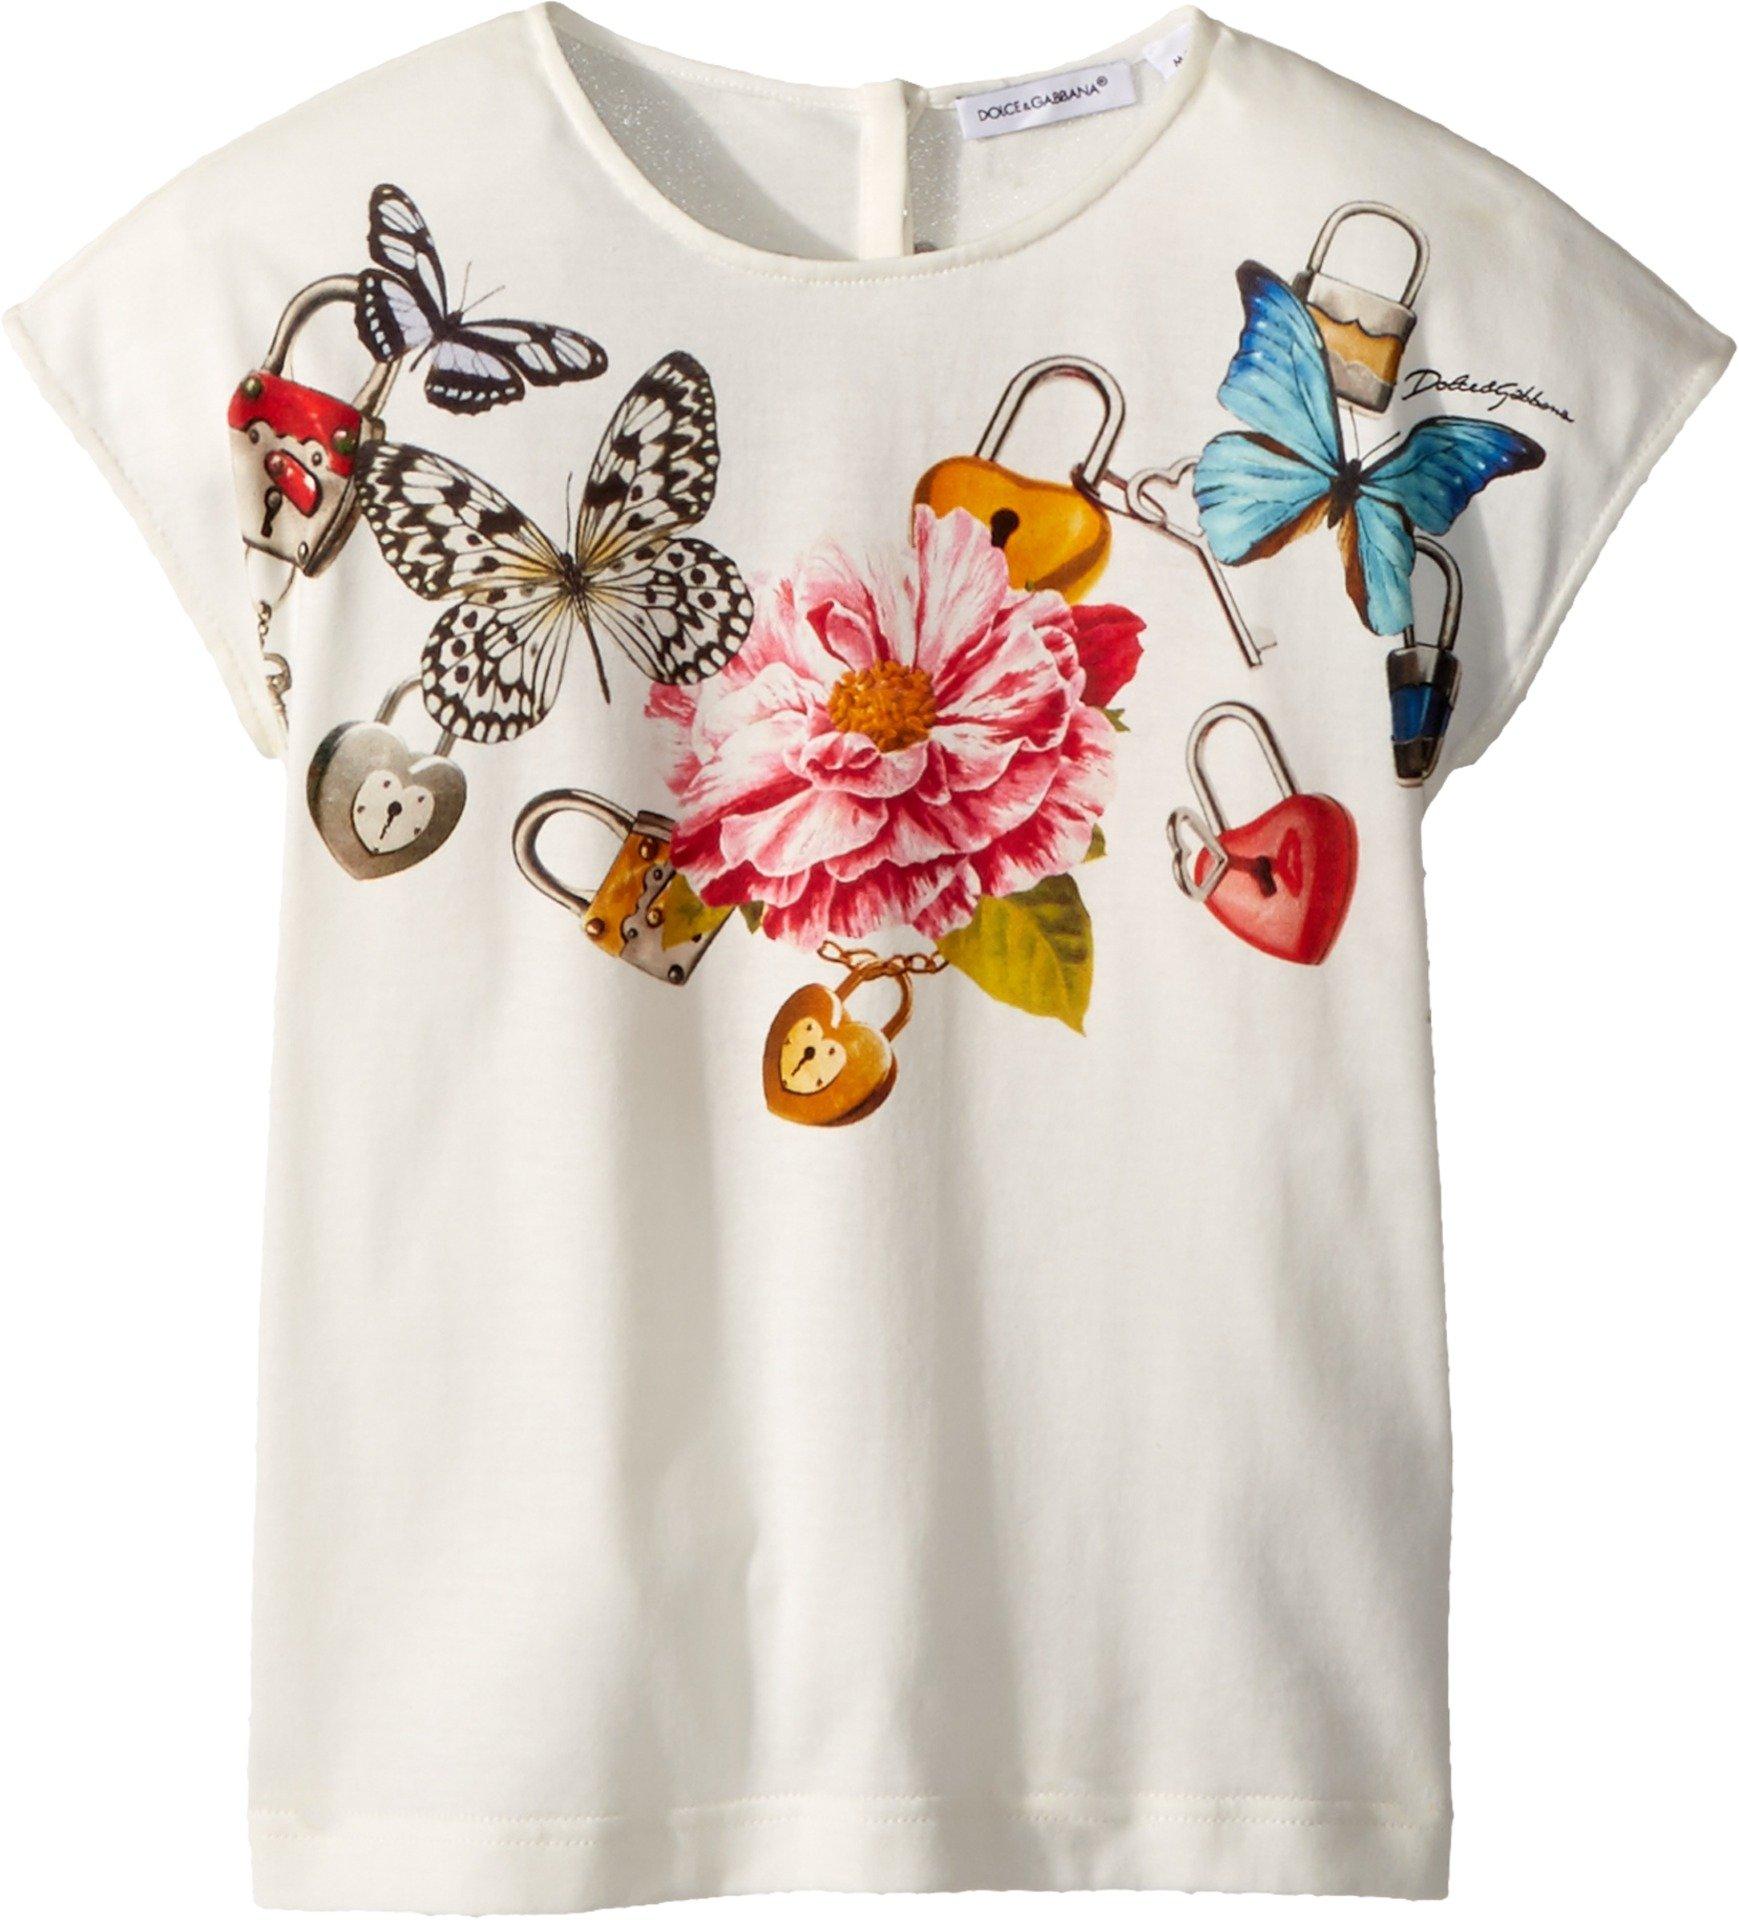 Dolce & Gabbana Kids Baby Girl's T-Shirt (Toddler/Little Kids) White Print 5